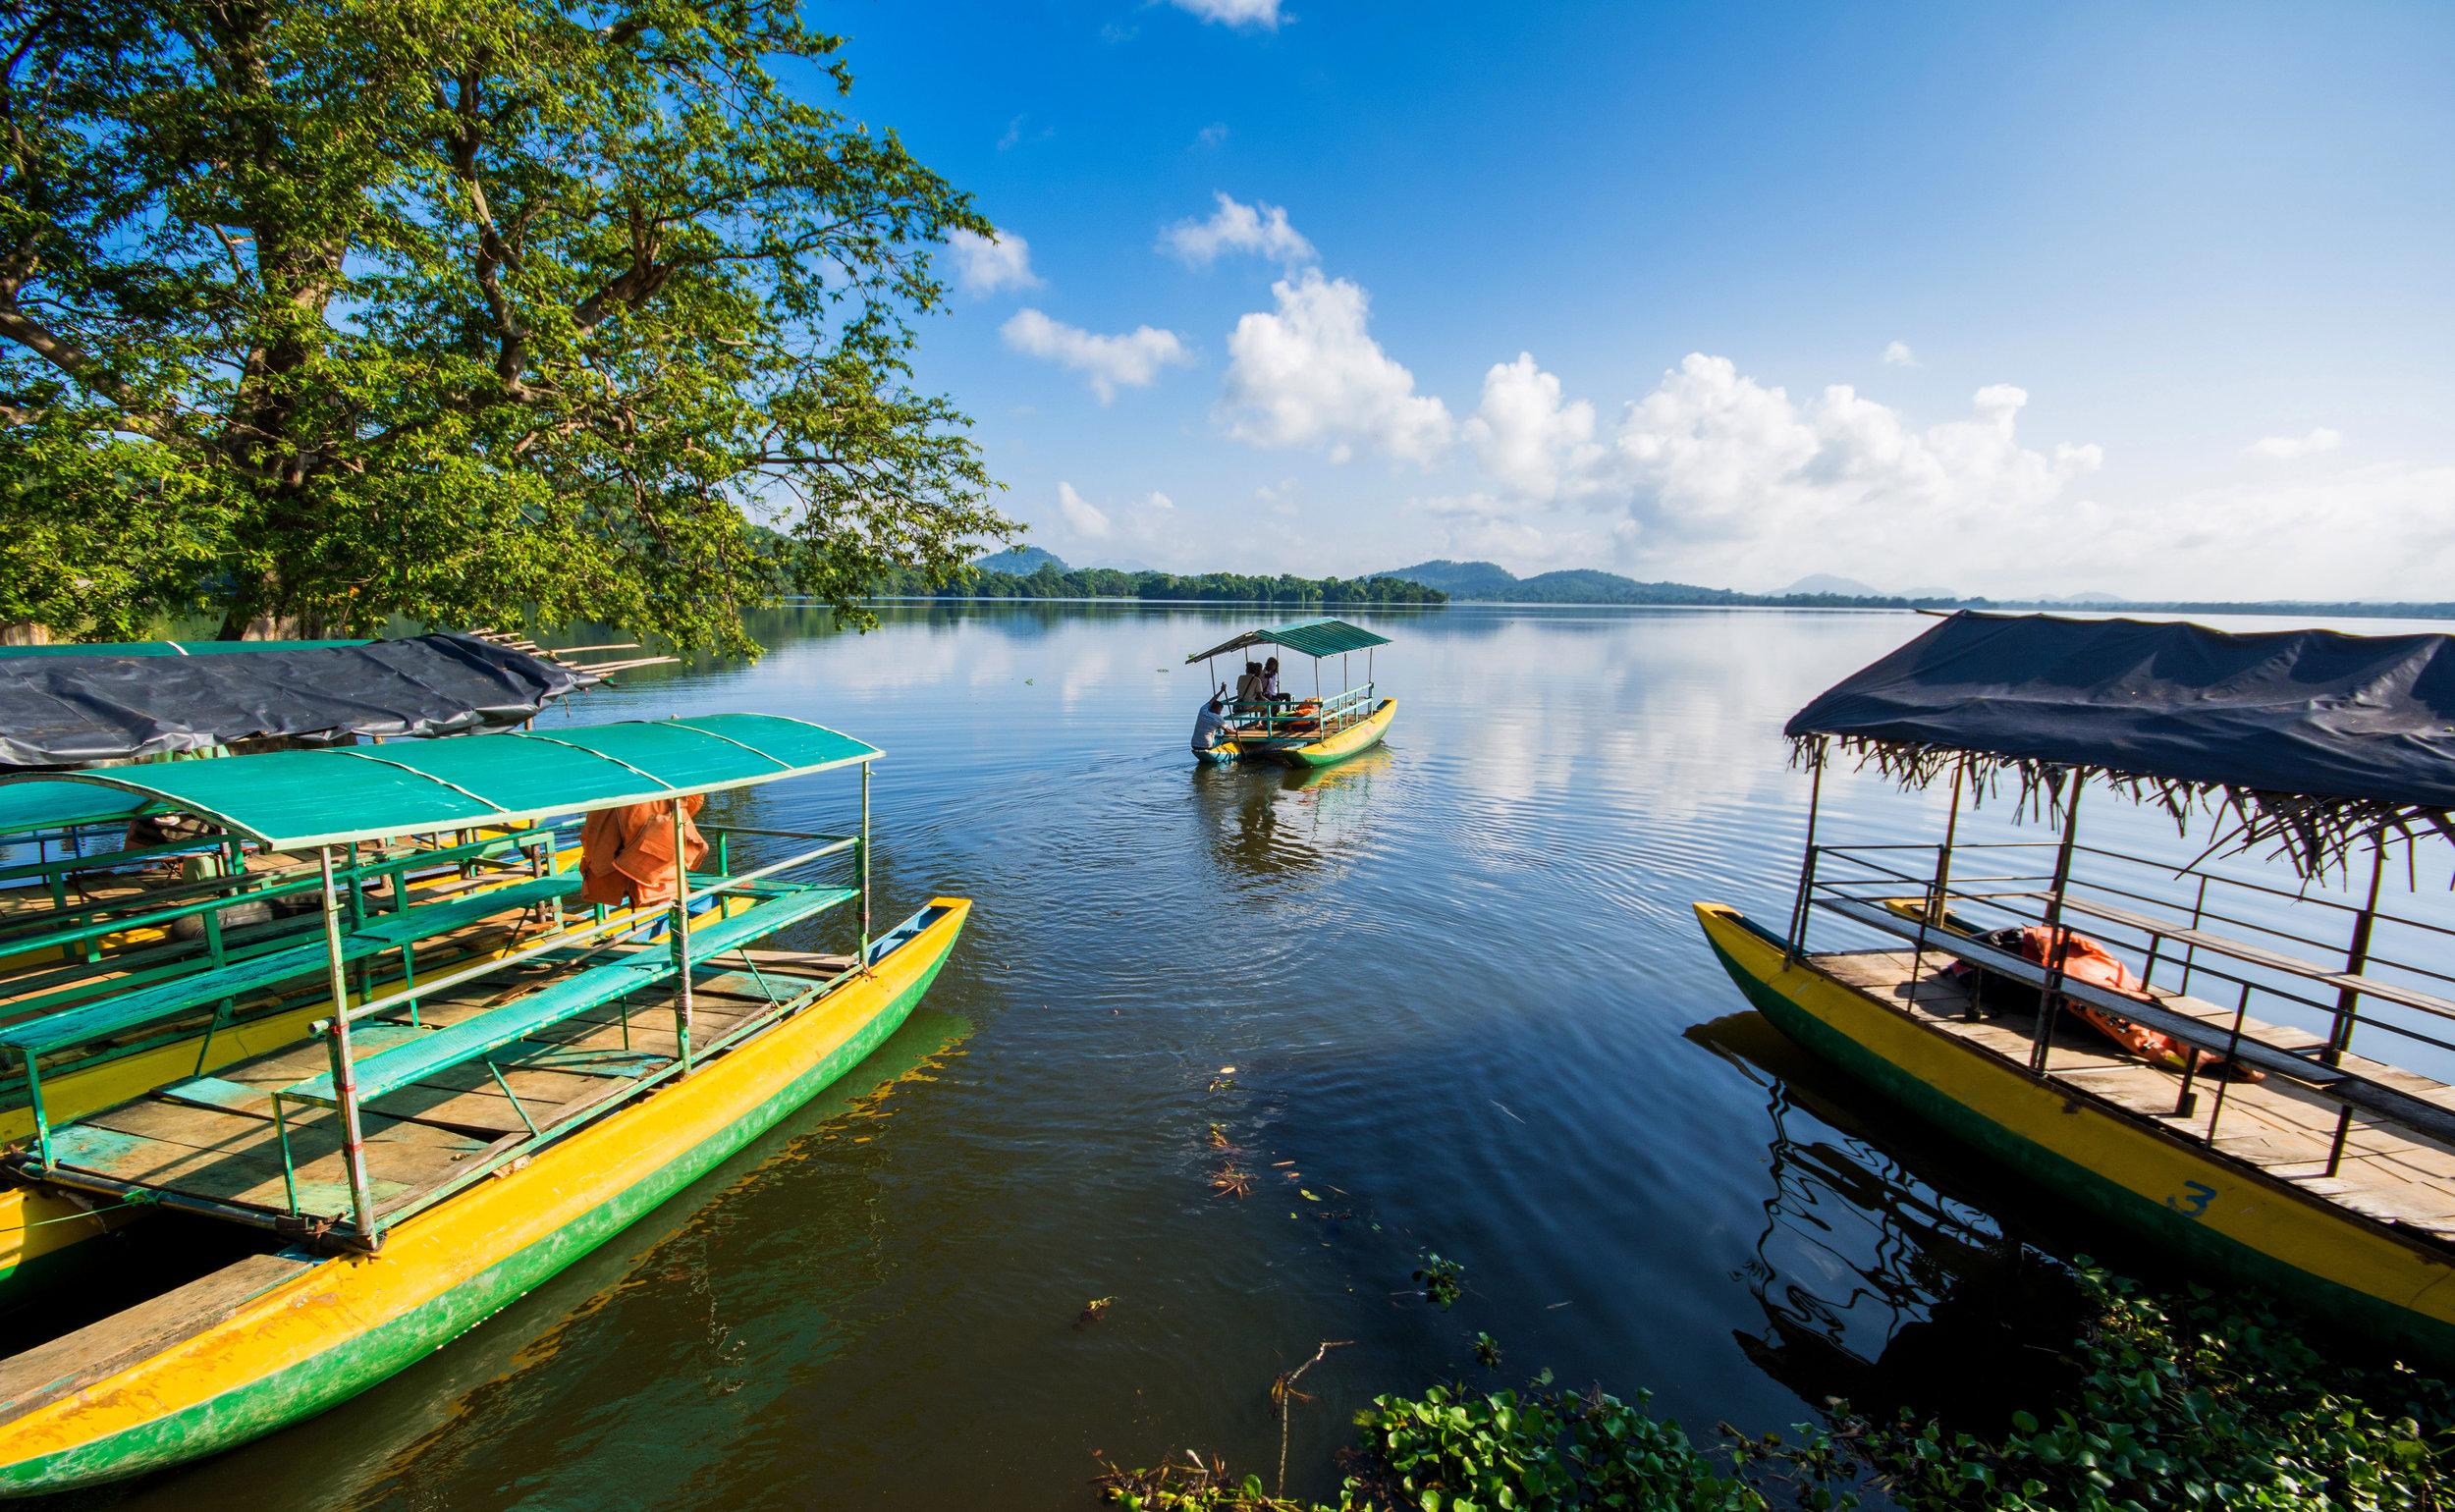 srilanka_bigstock--220411477.jpg